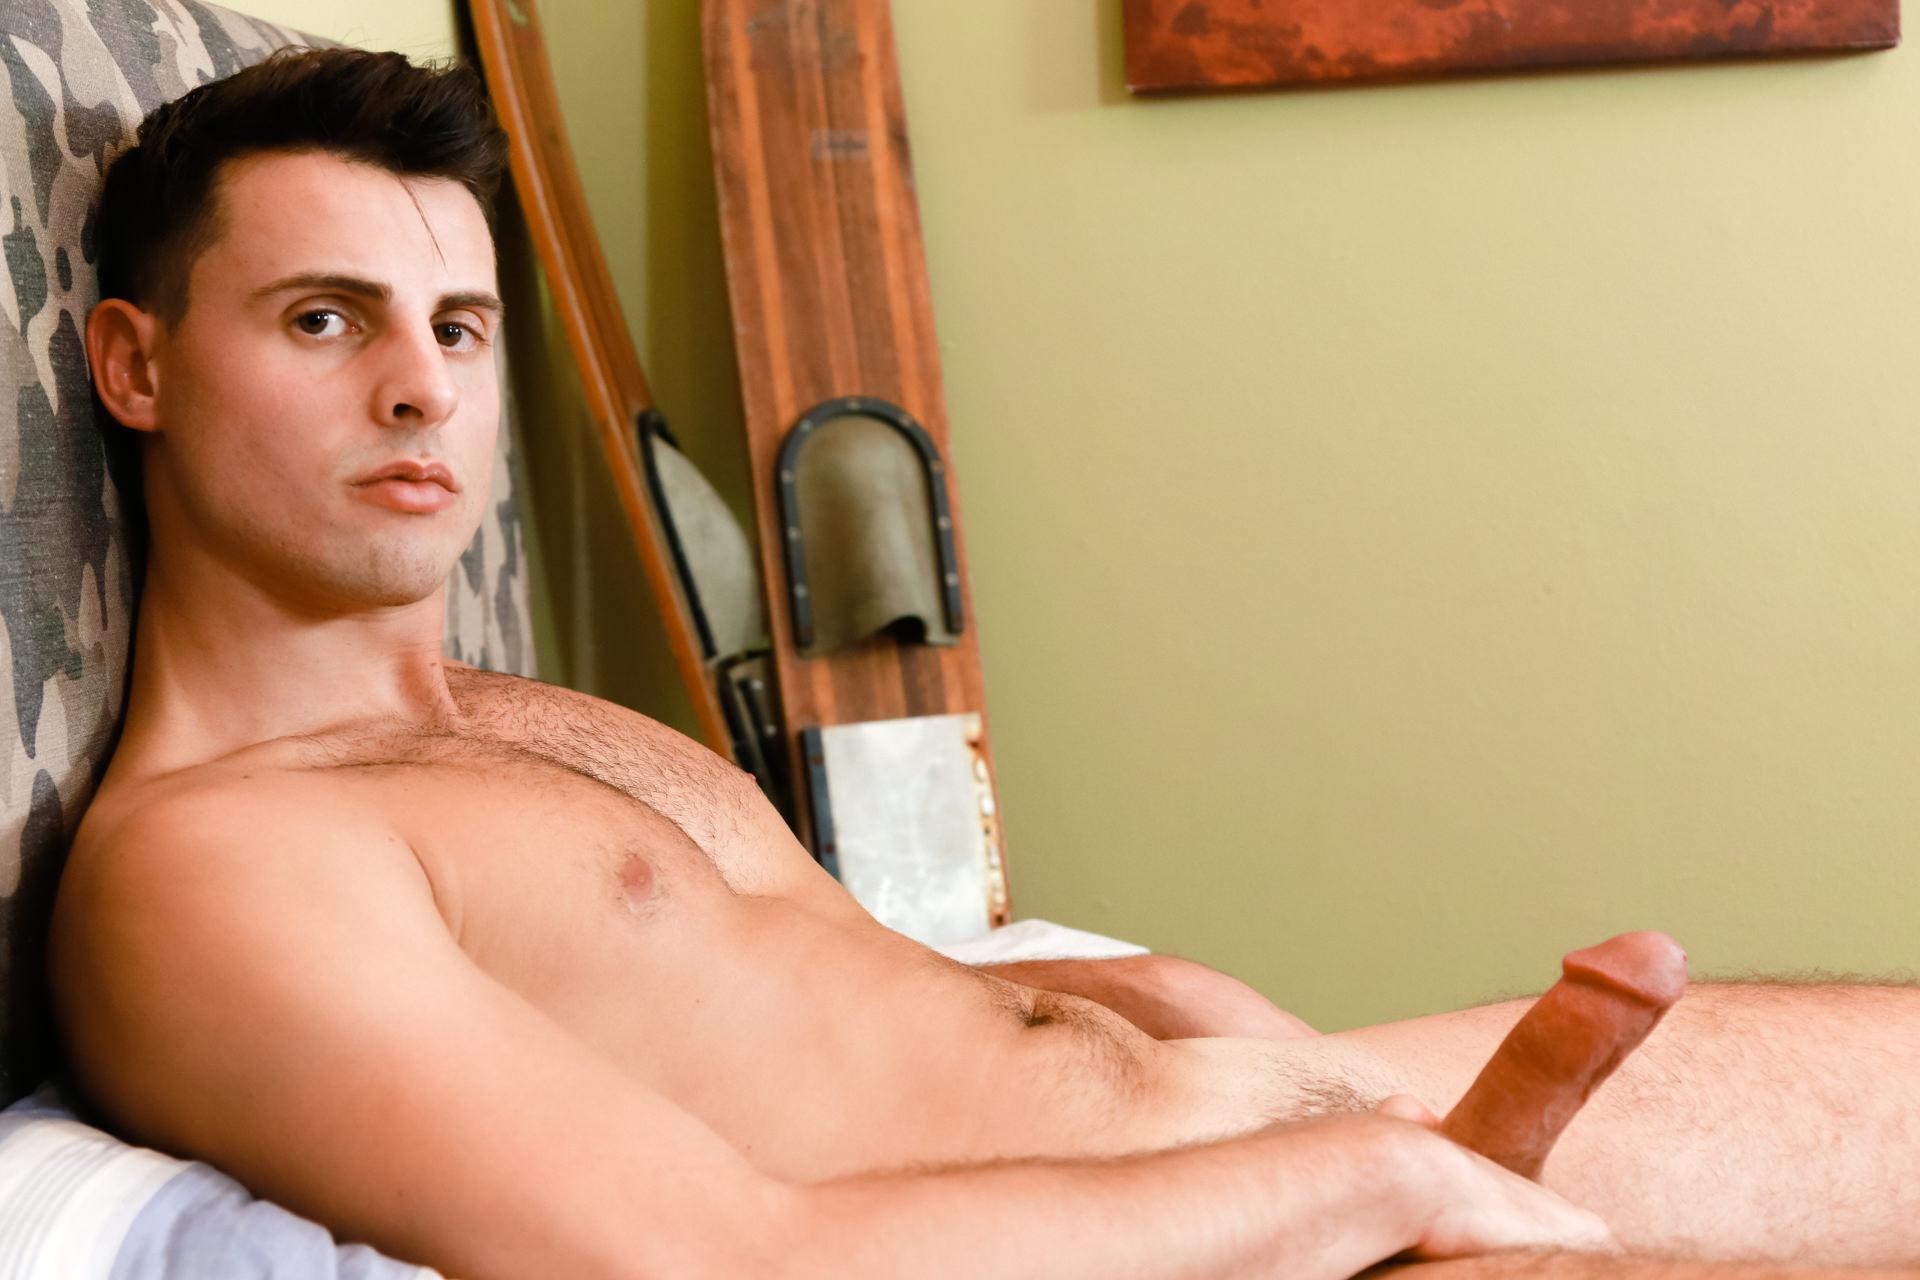 Lindsay lohan nude photos as marilyn